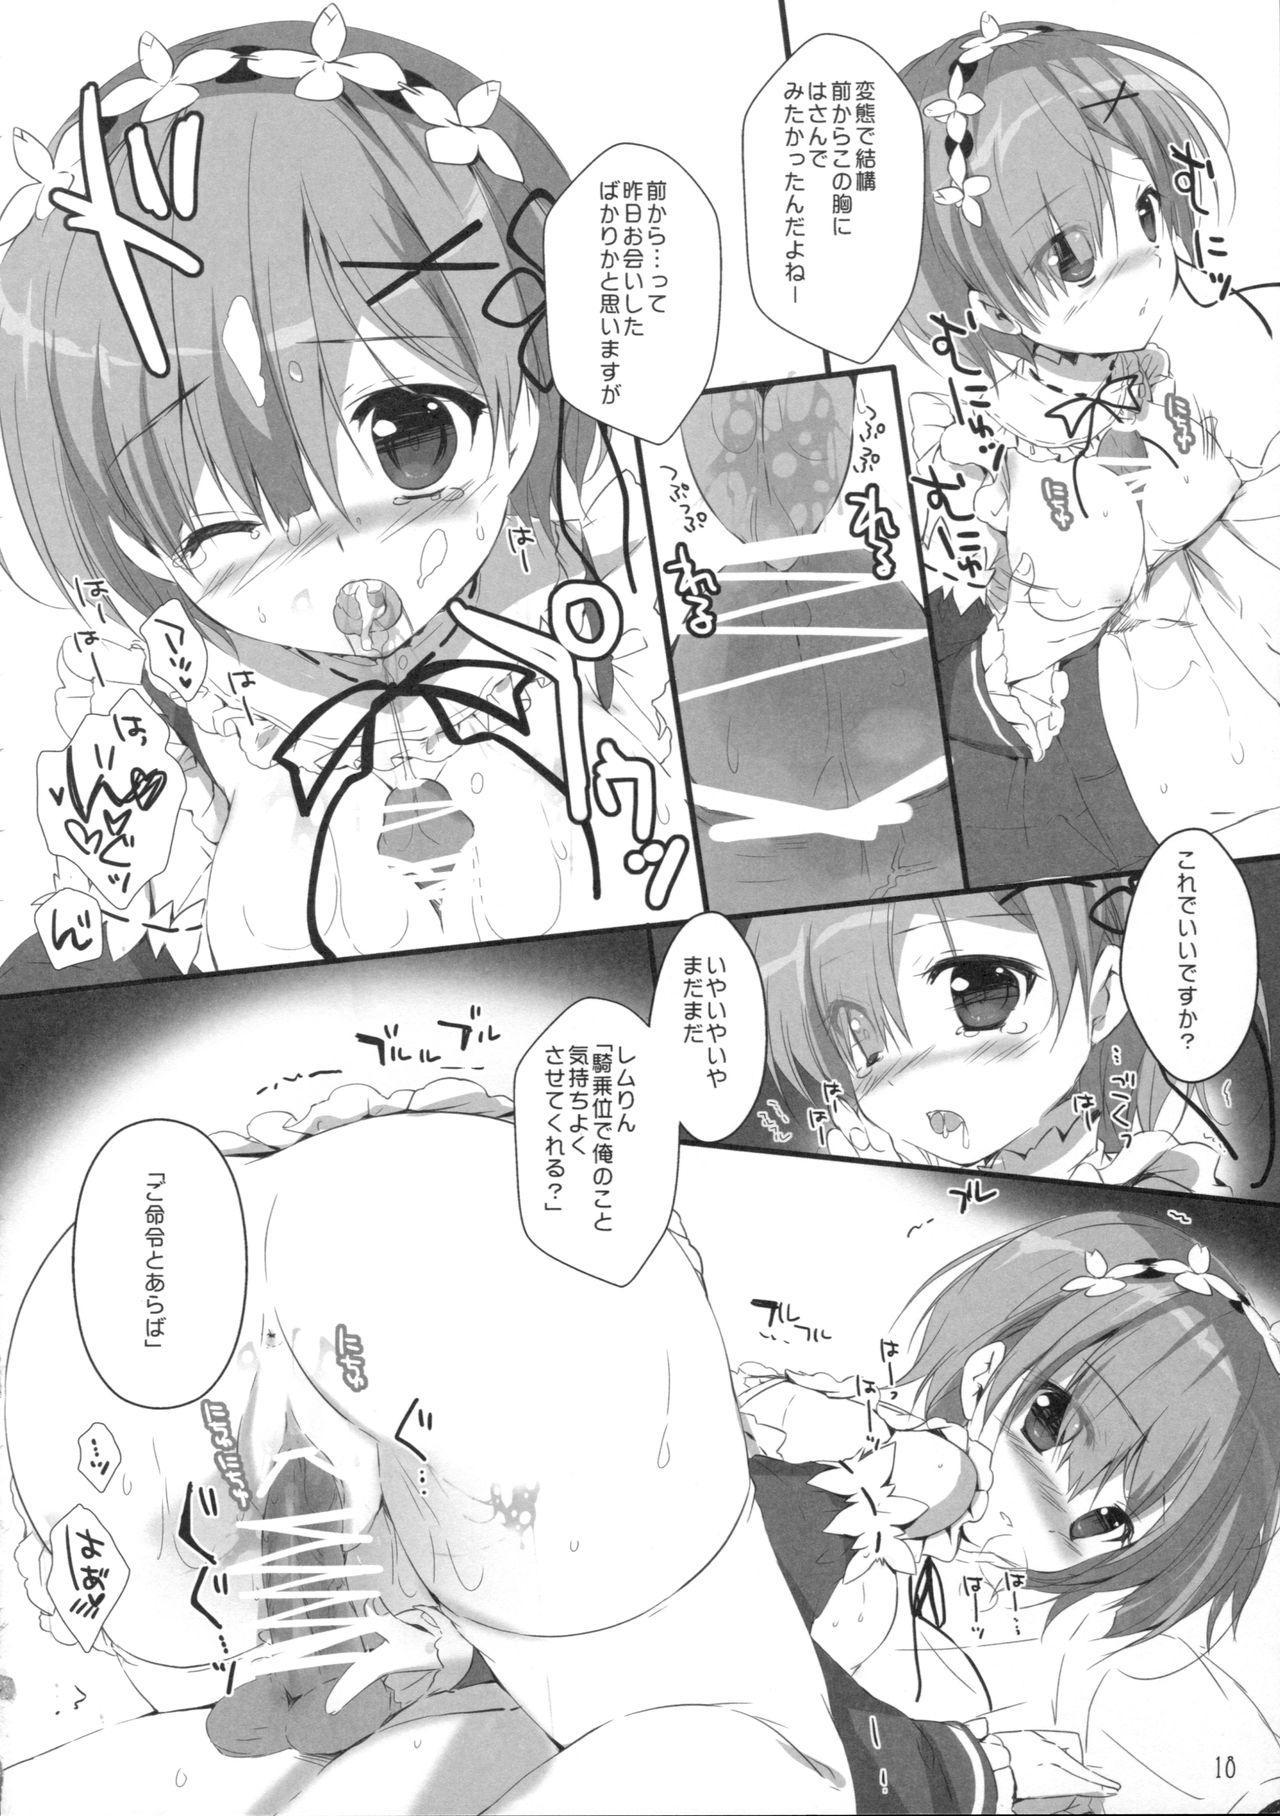 Subaru-kun Rem o Suki ni Shite Ii desu yo 16